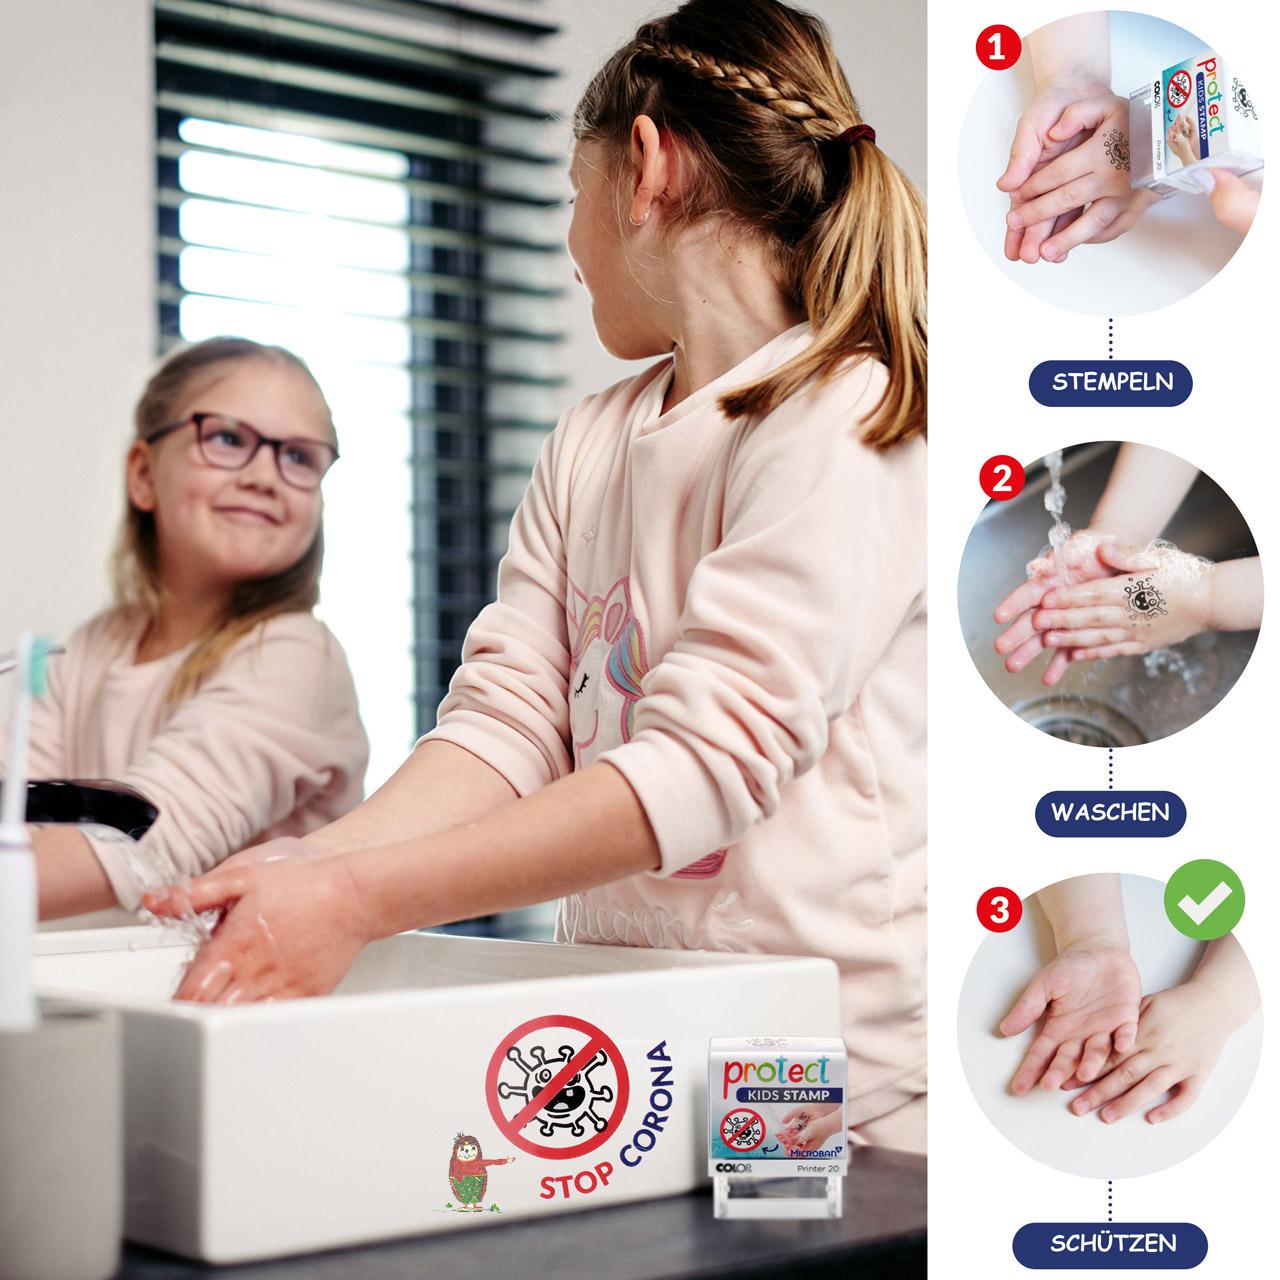 COLOP-protect-KIDS-stamp-stempeln-waschen-schutzen-843658170664-kinder-haende-waschen-lafueliki